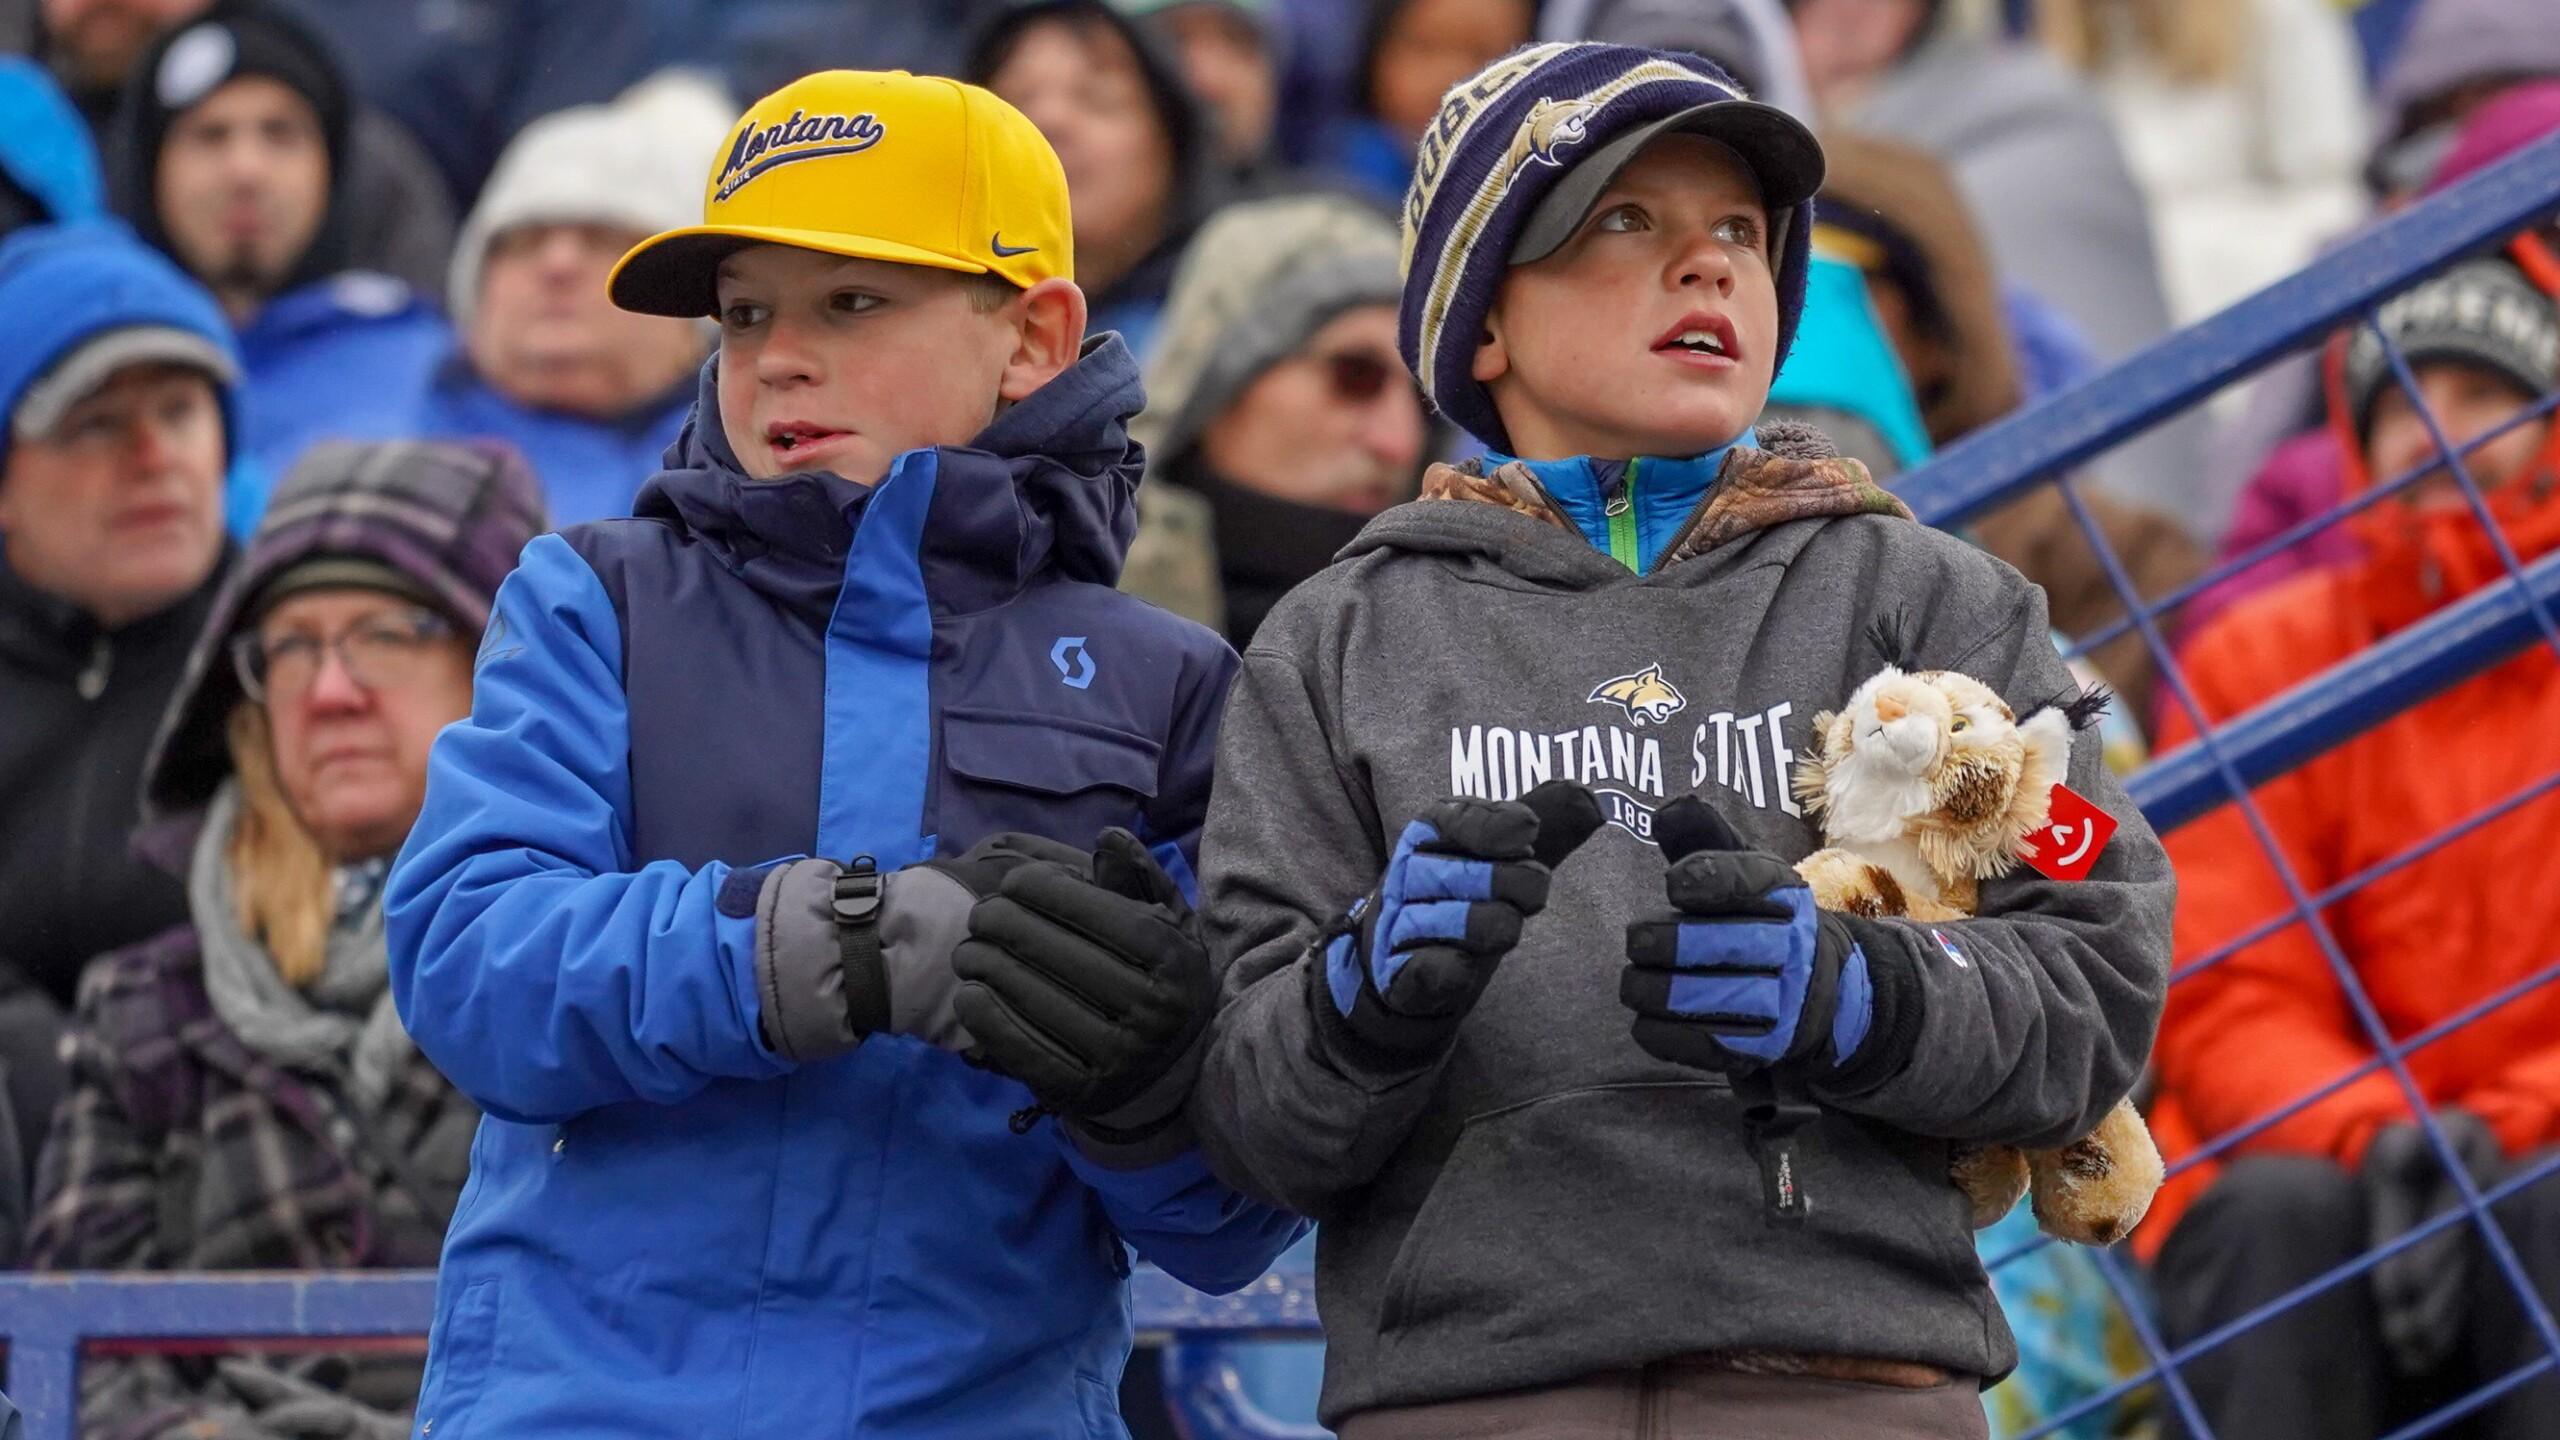 Montana State Bobcat football fans